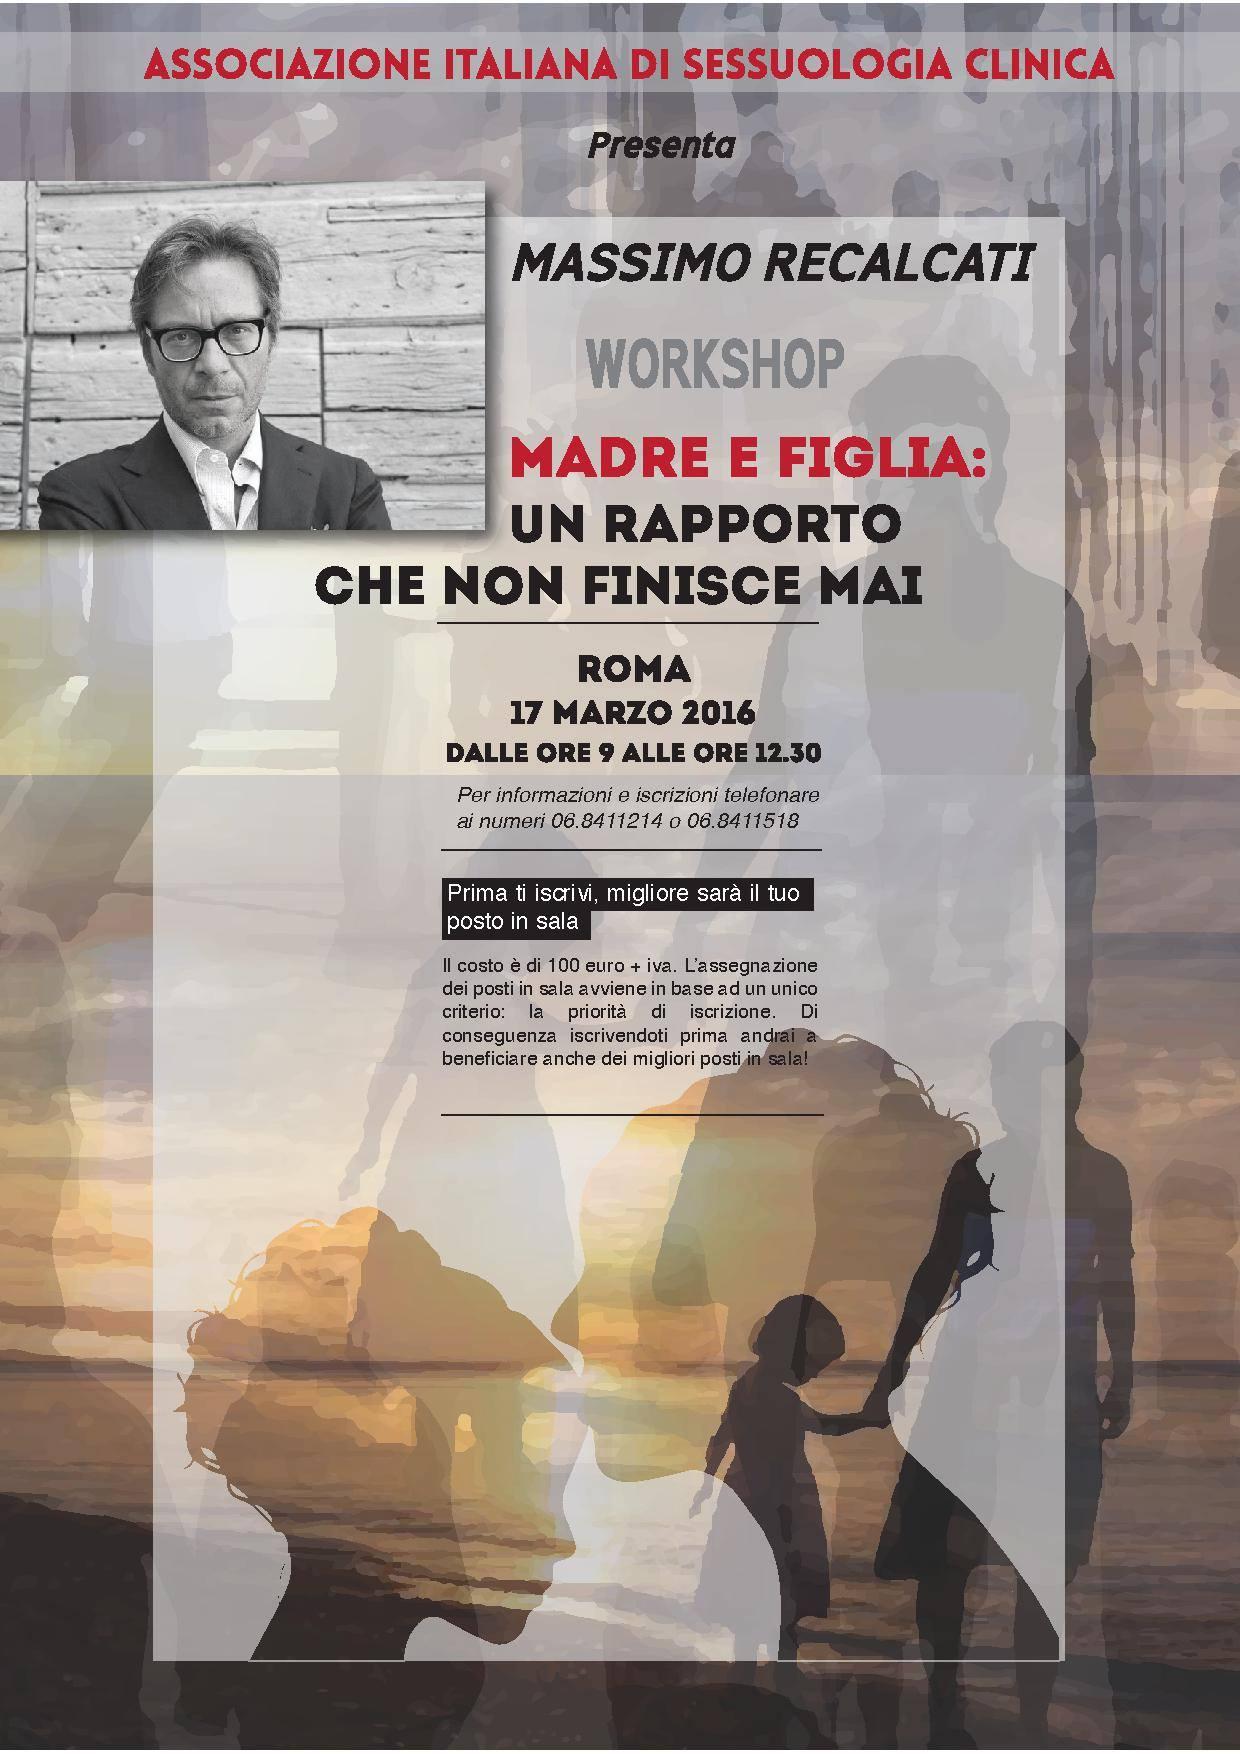 Top 17 Marzo 2016 - Roma - Madre e Figlia: un rapporto che non finisce  VV24